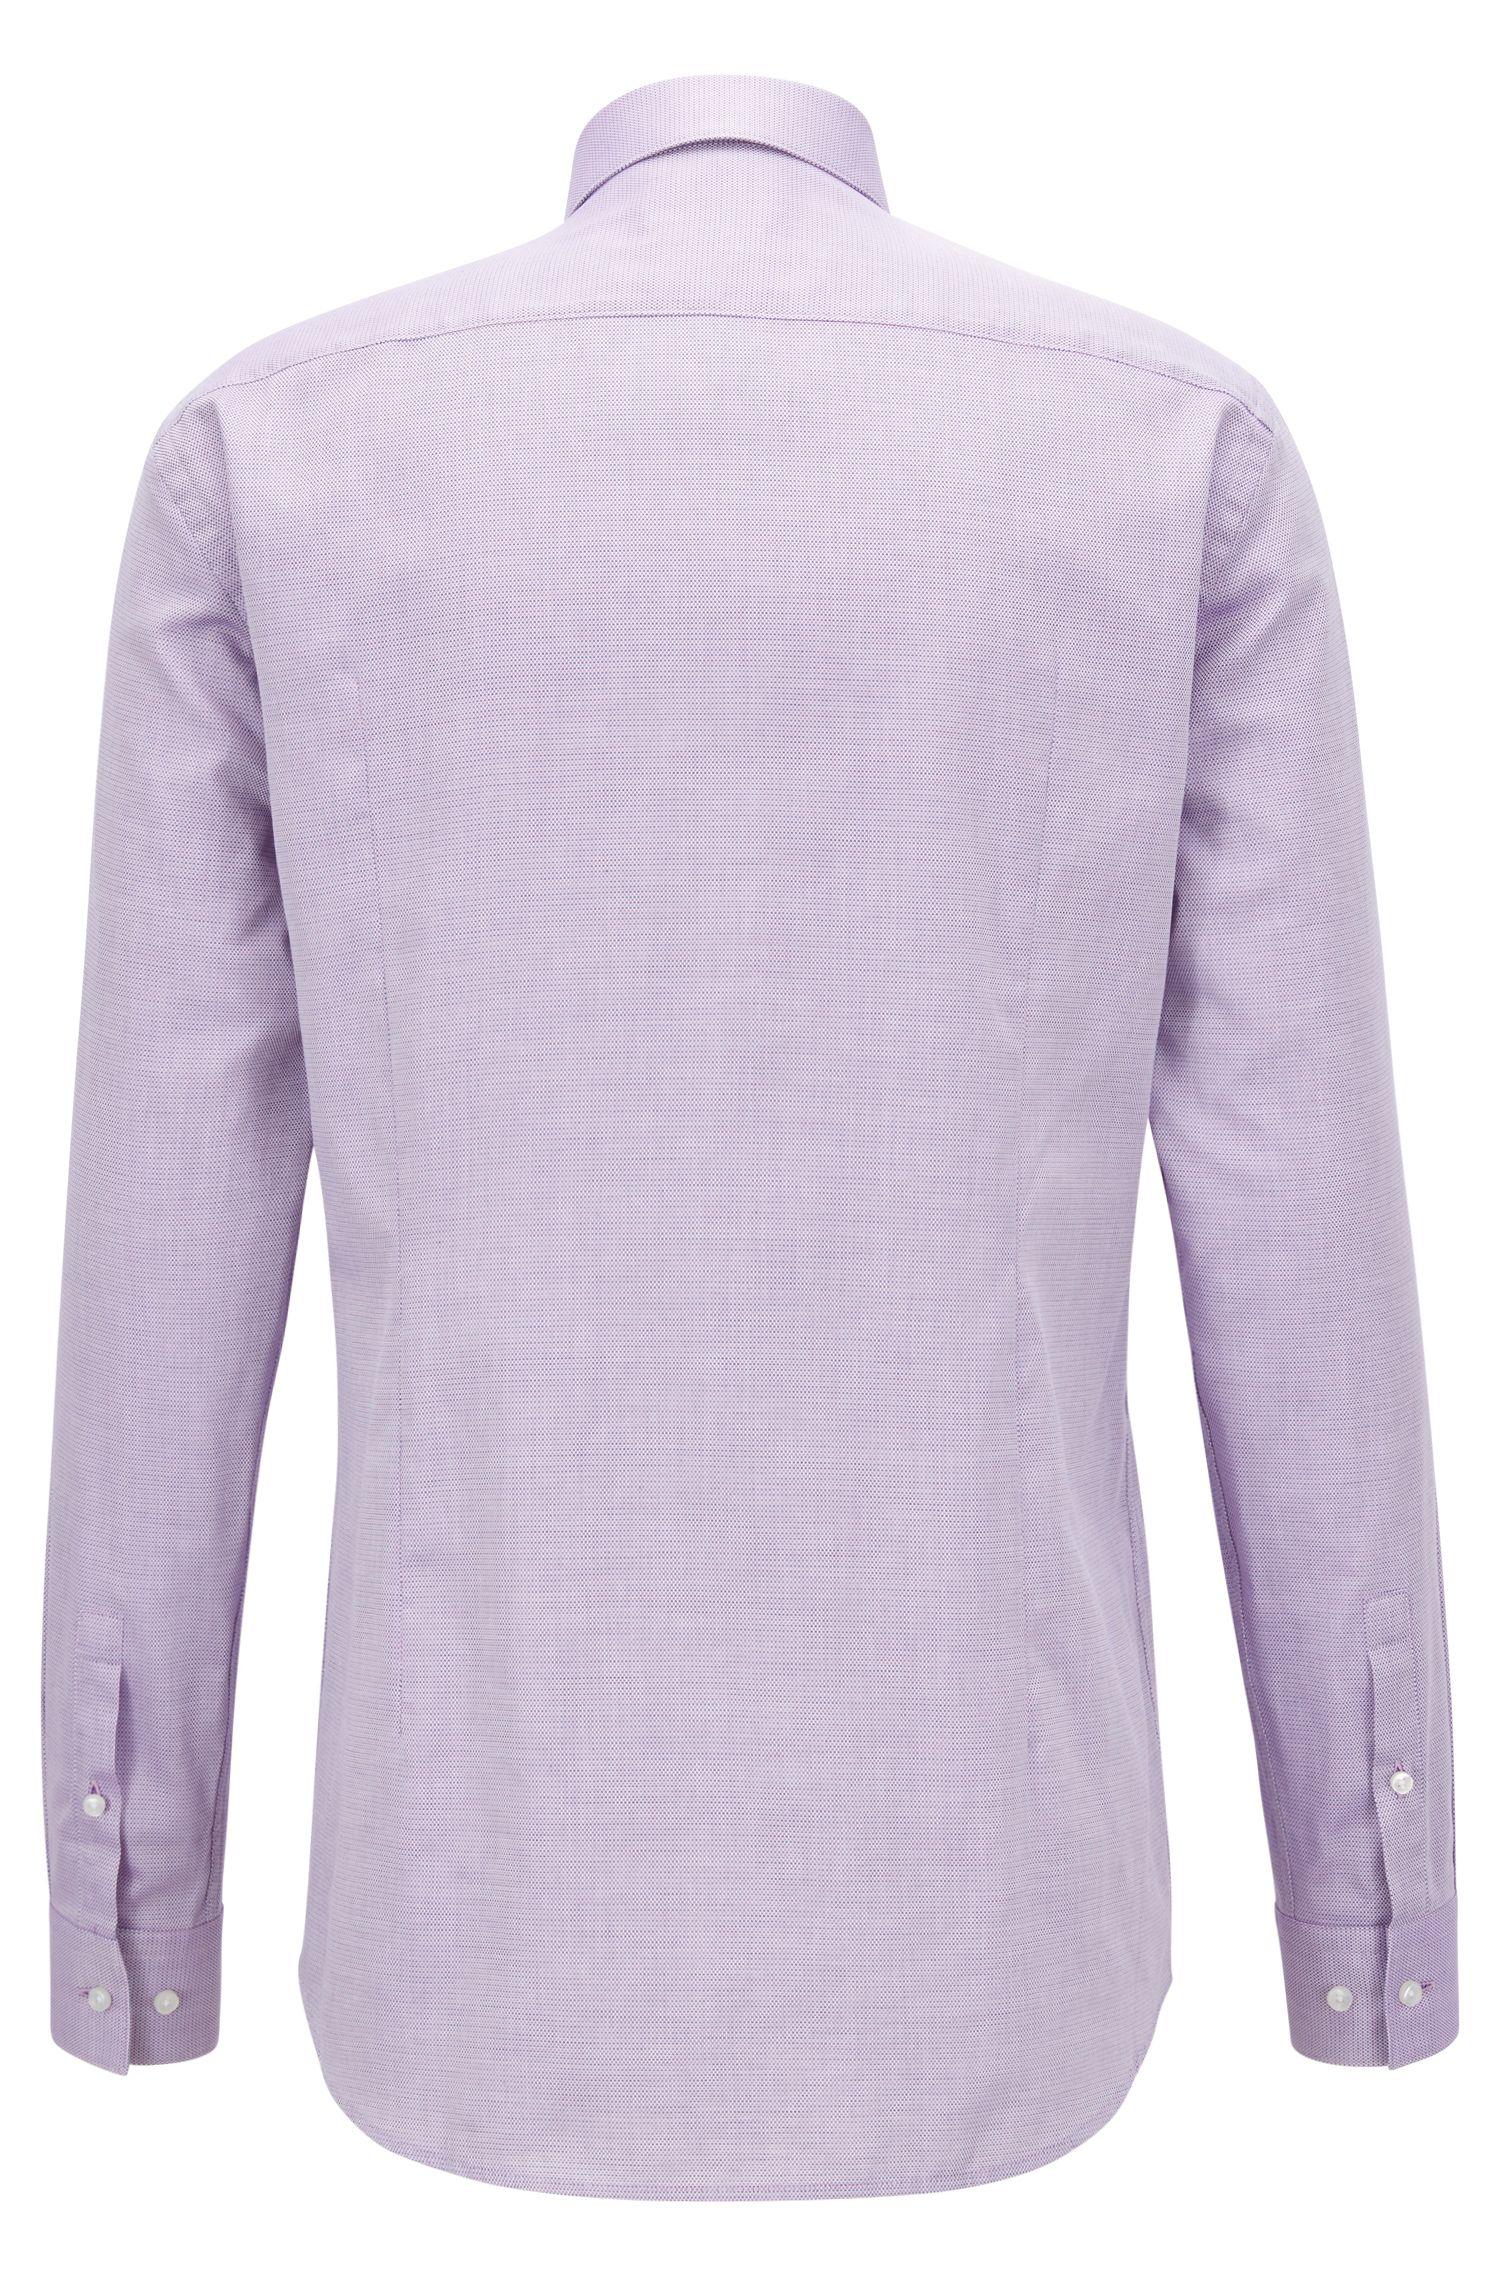 Camicia slim fit in cotone lavorato bicolore, Rosa scuro